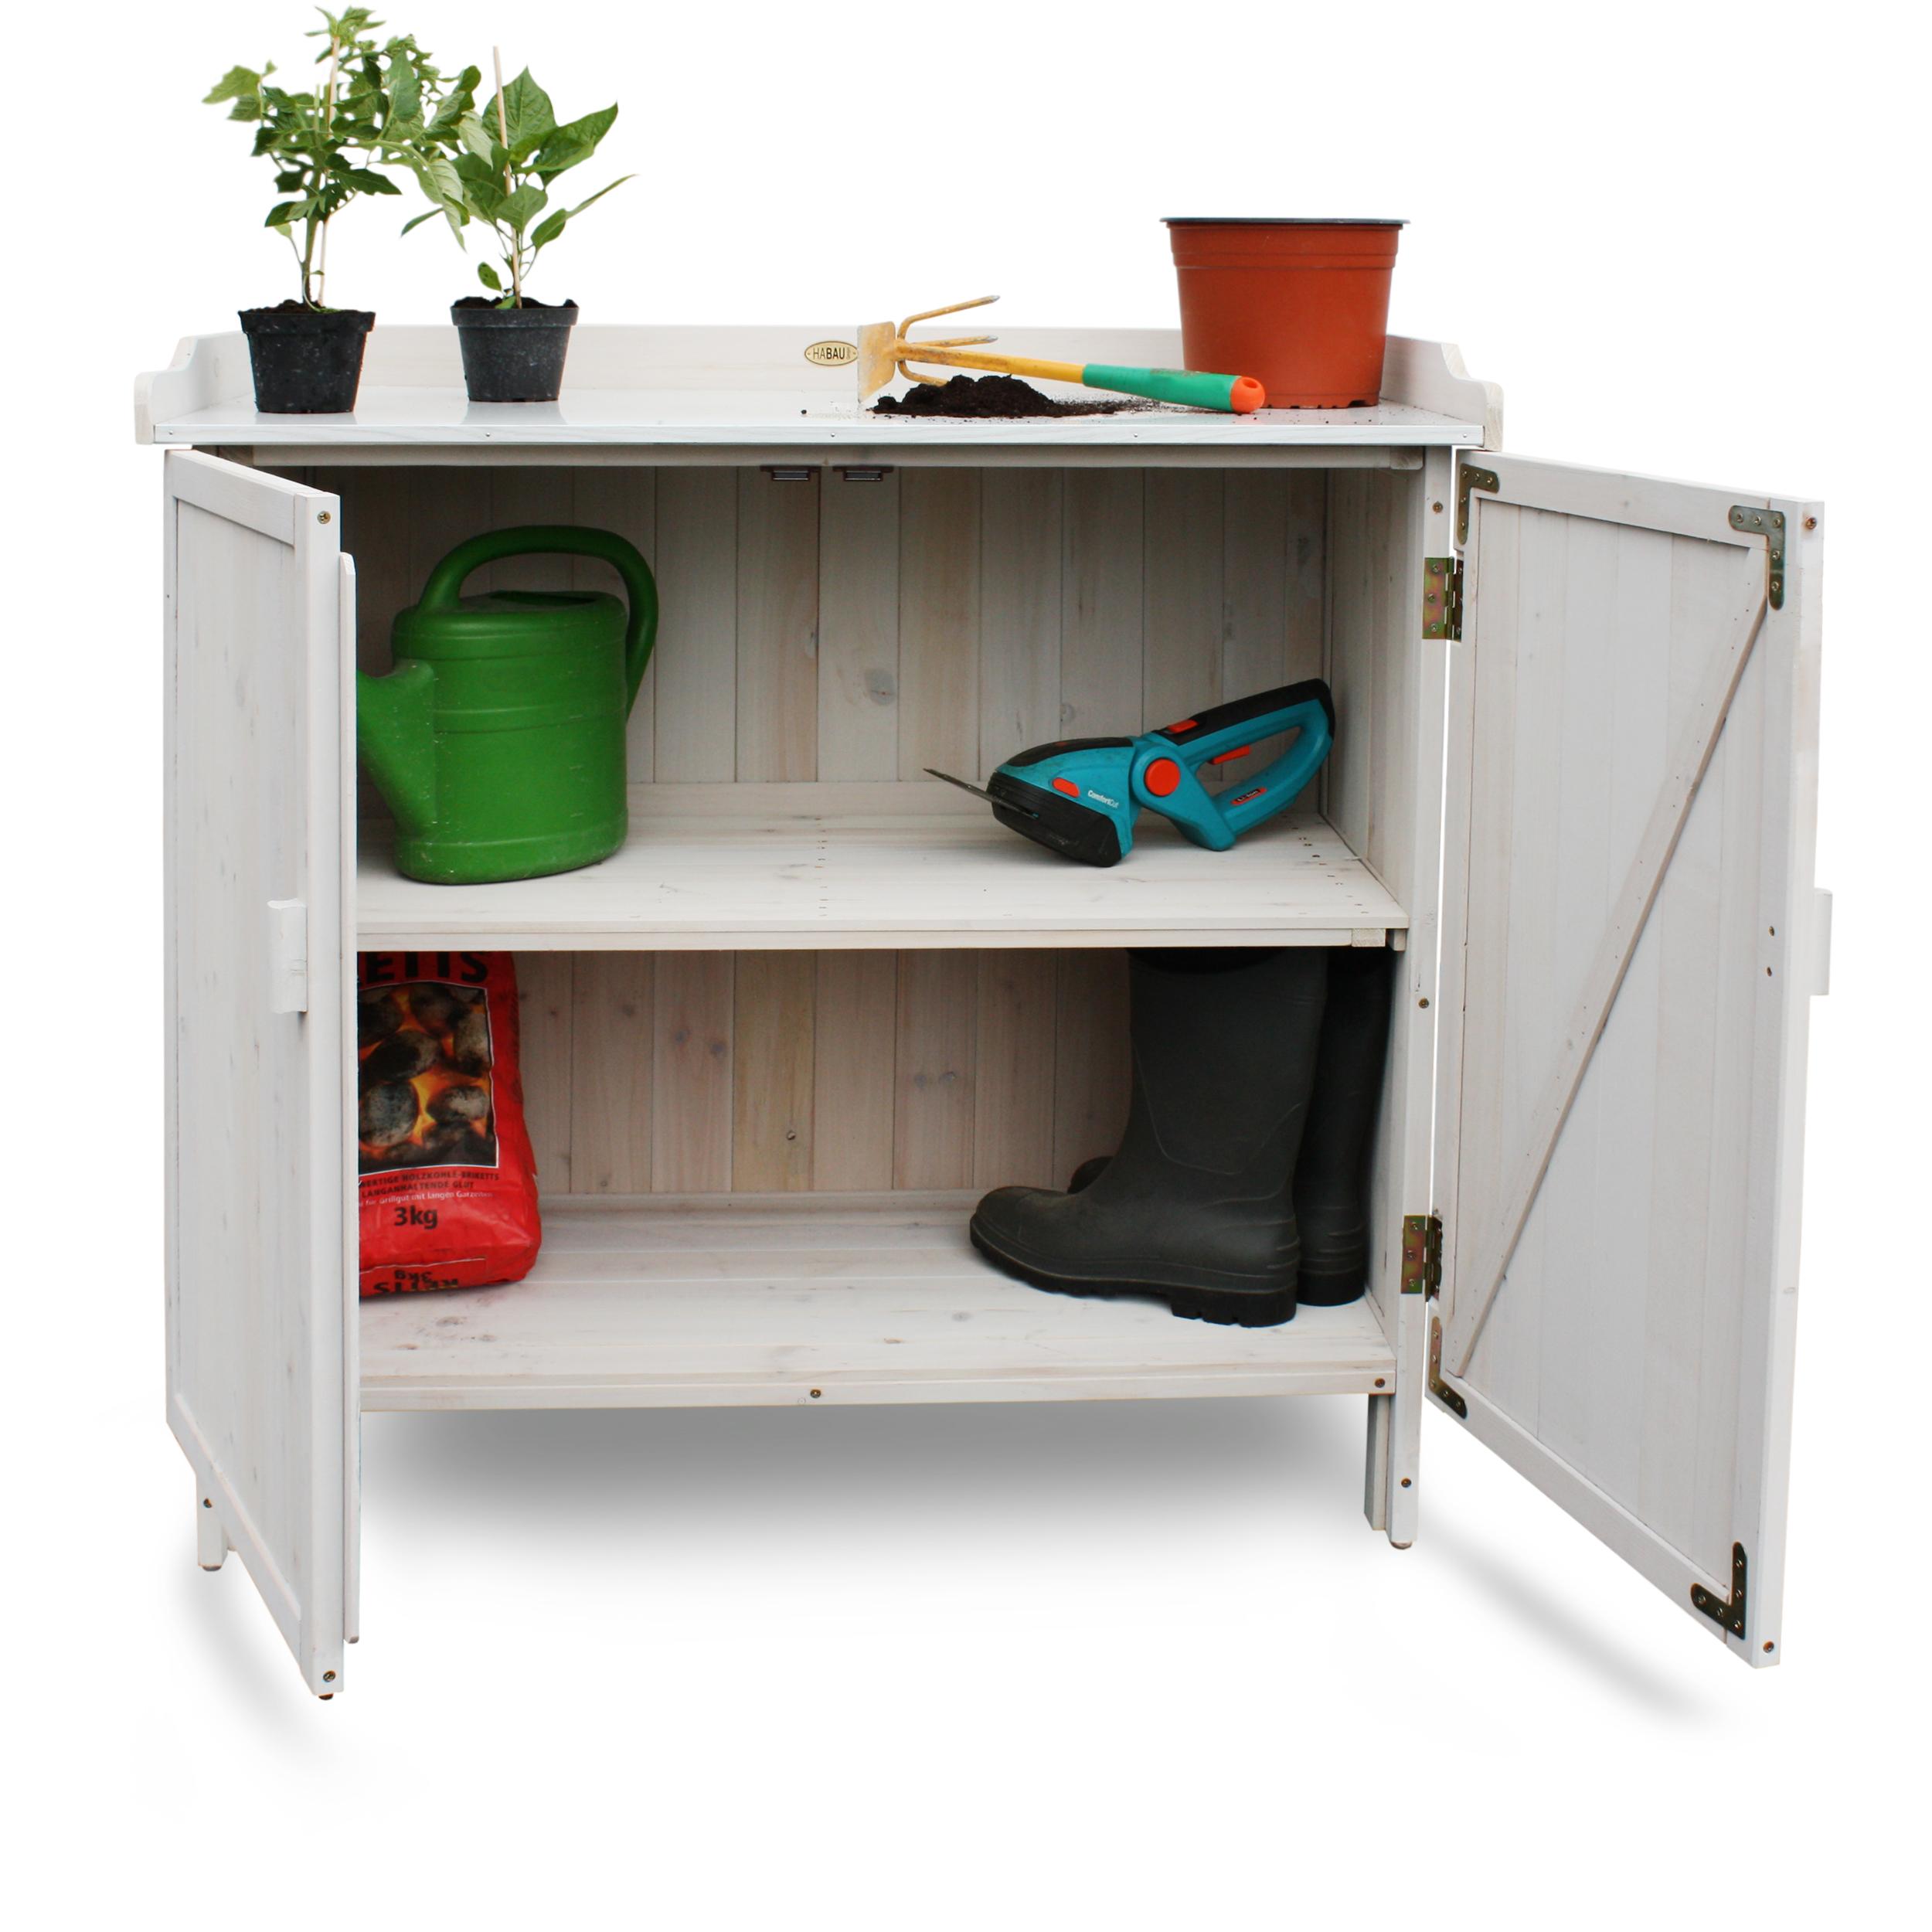 HABAU Gartentisch Lino mit Unterschrank - 3095